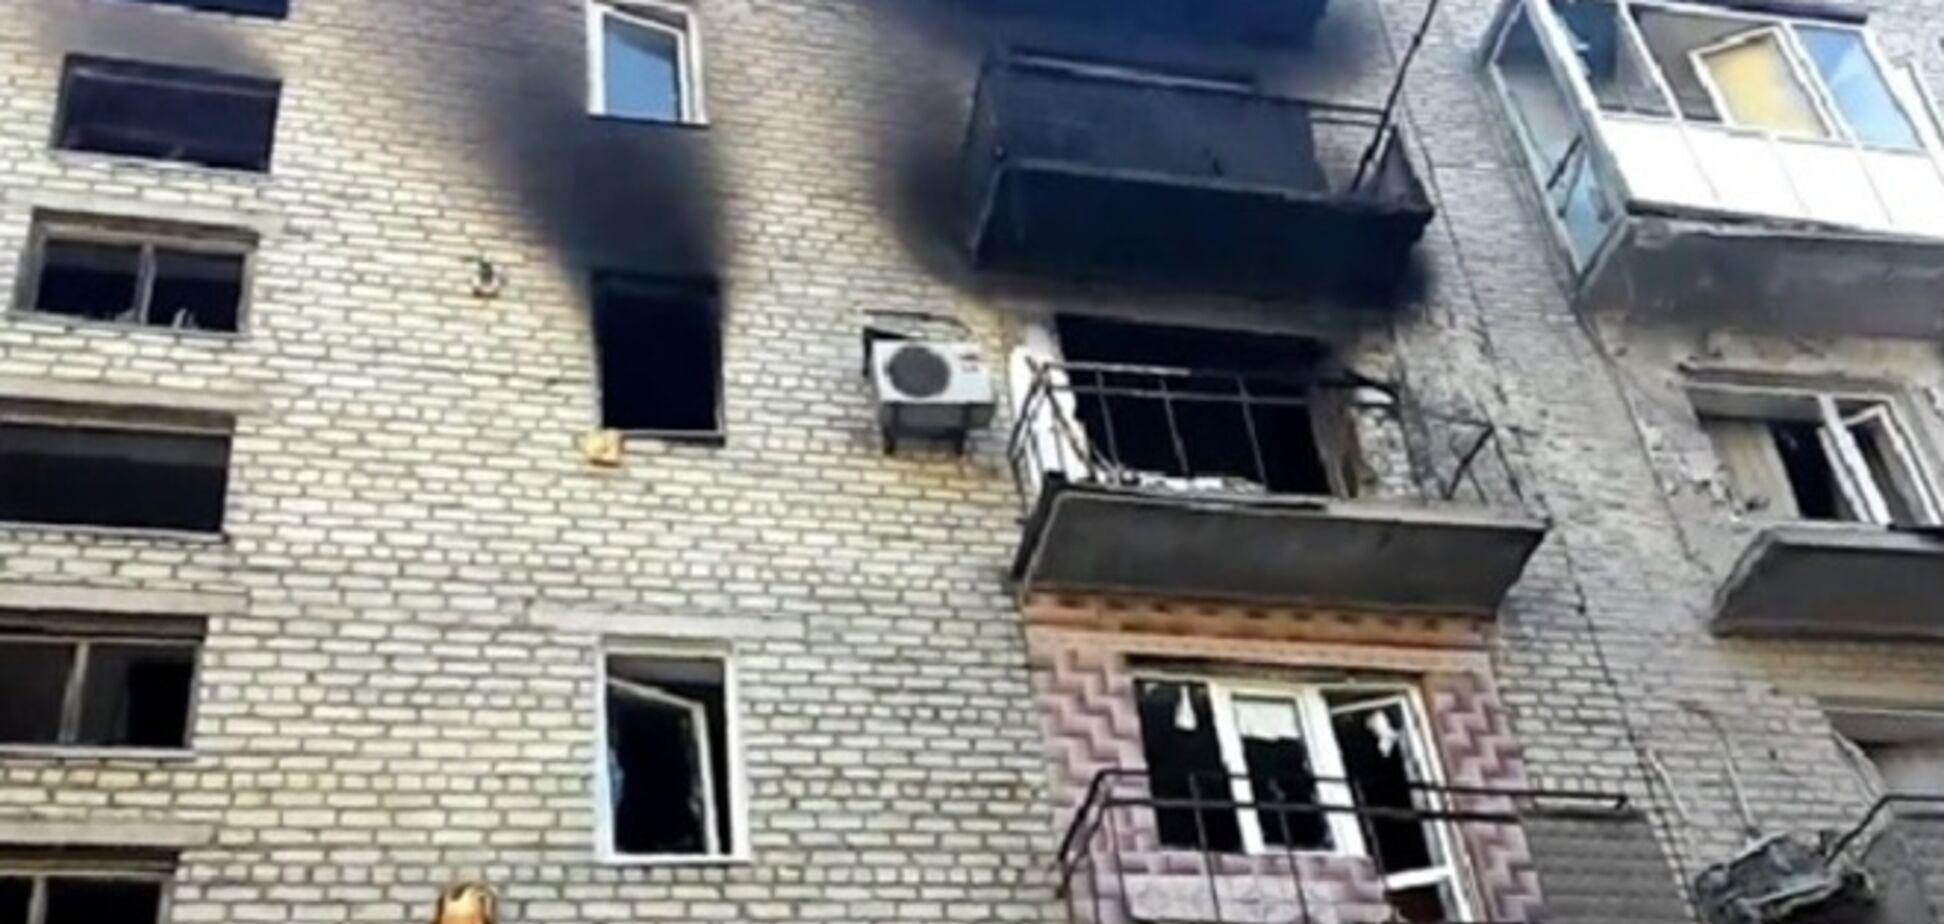 Донетчина несет потери из-за обстрелов боевиков: от осколоков умер еще один мирный житель